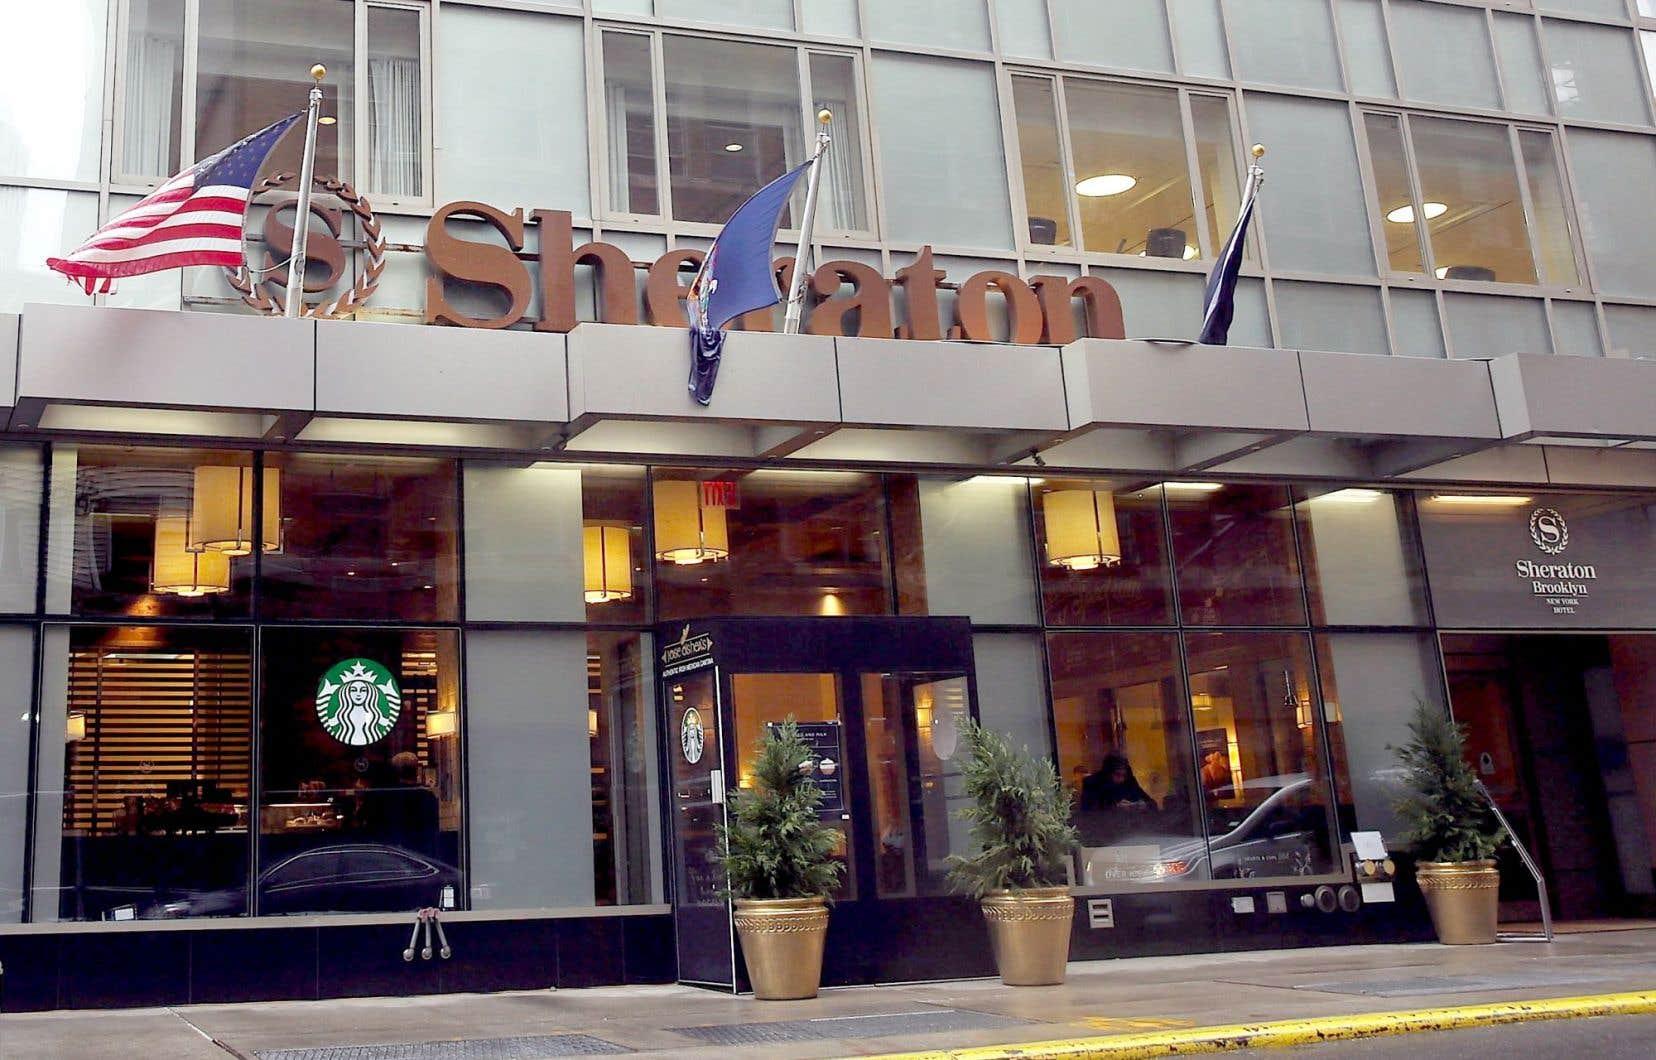 Le Sheraton fait partie de la chaîne Starwood. Un groupe chinois est entré en concurrence avec Marriott pour l'achat de Starwood.